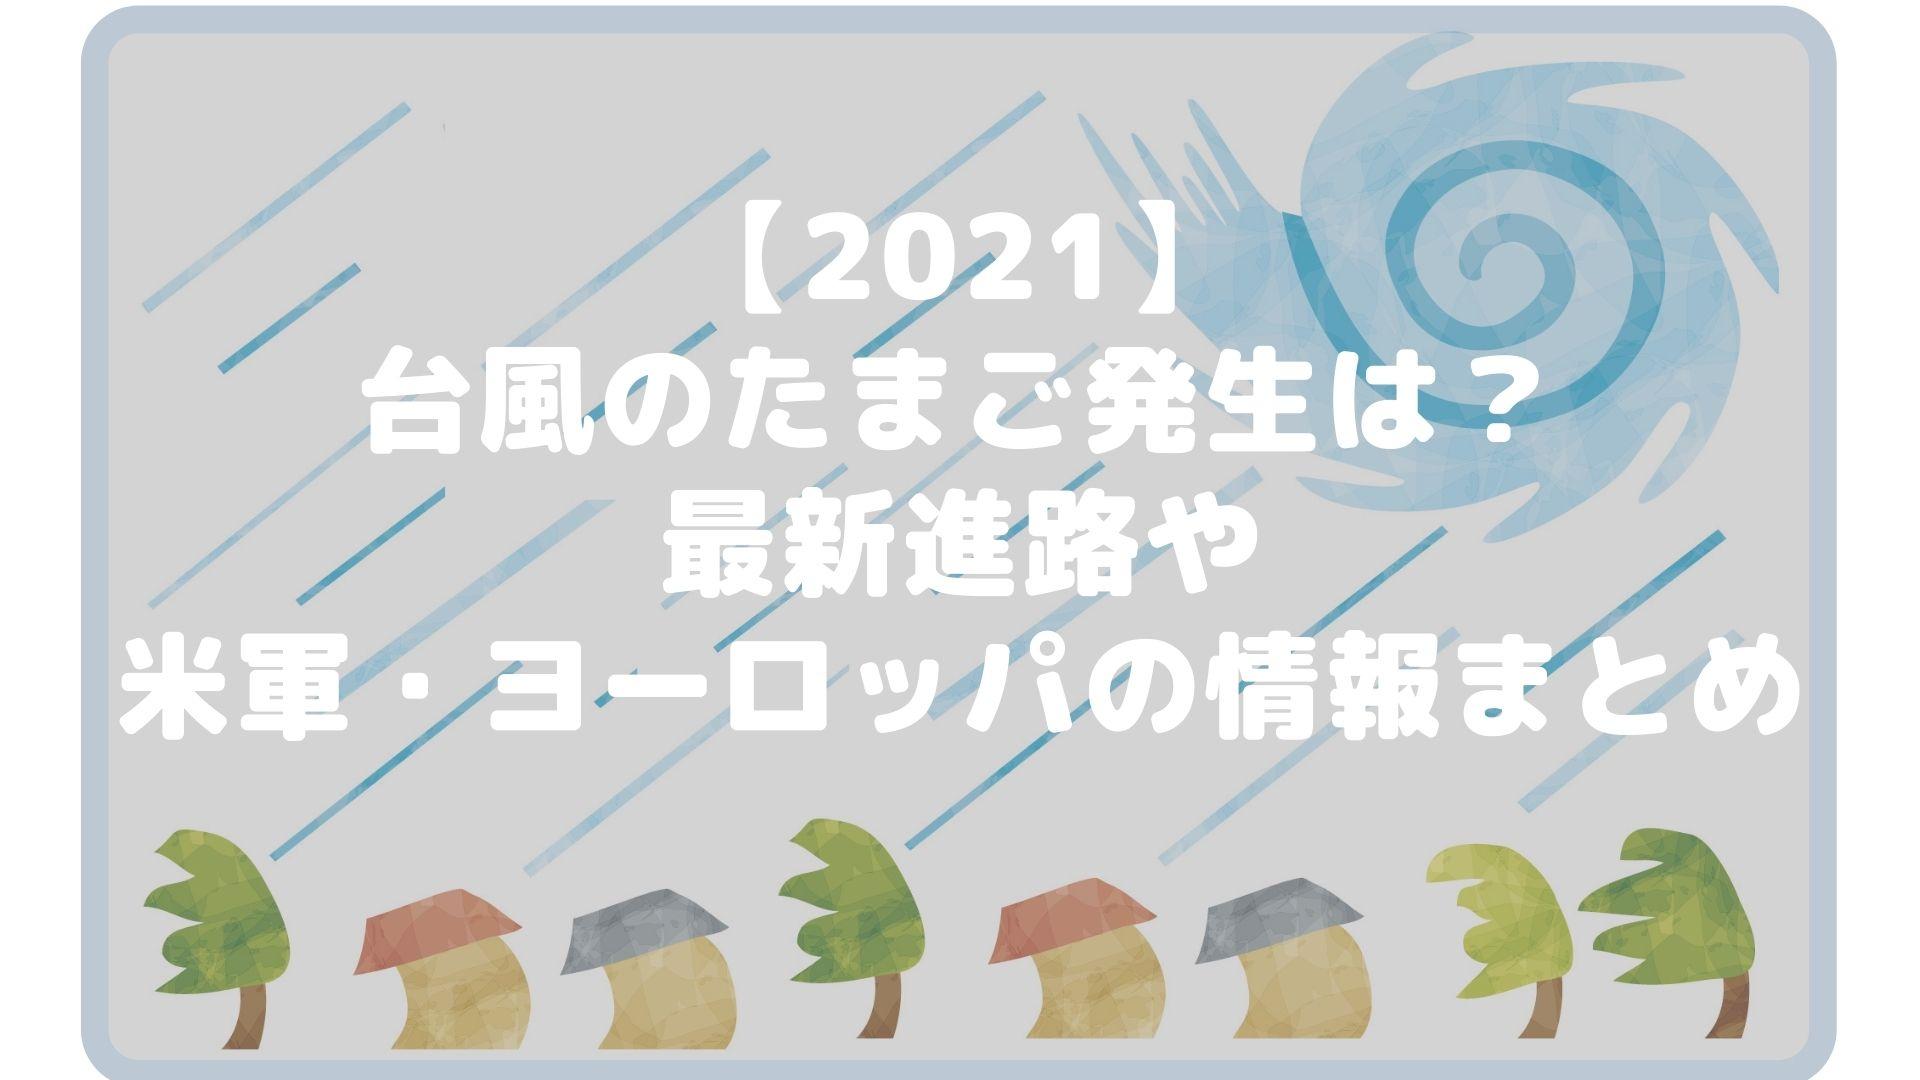 台風5号のたまご発生は?最新進路やアメリカJTWCヨーロッパの情報まとめタイトル画像